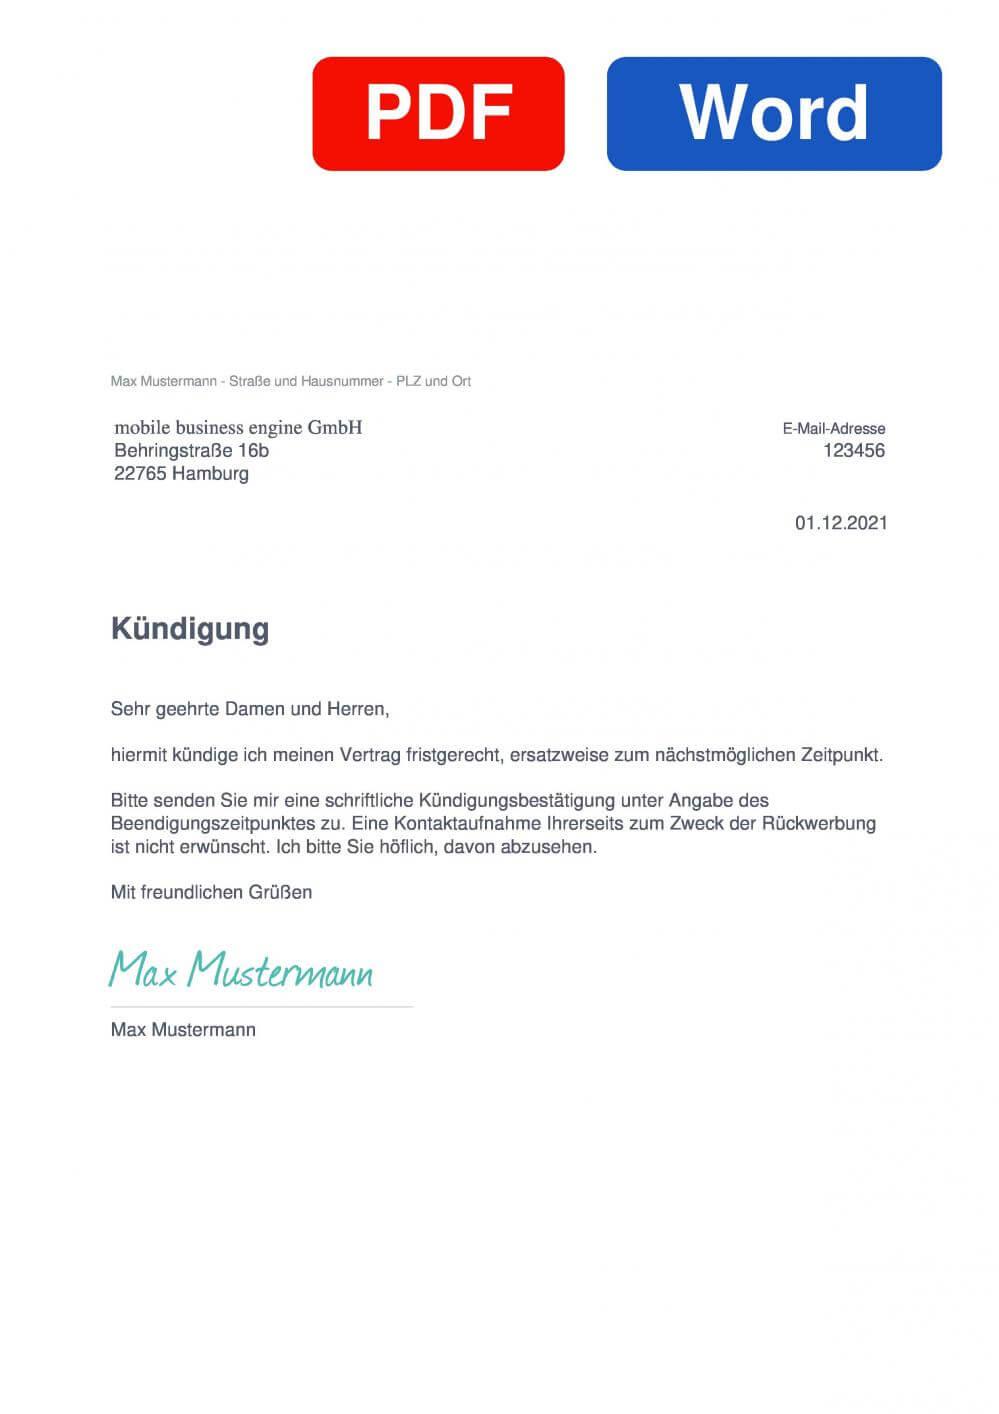 mbe4 Muster Vorlage für Kündigungsschreiben